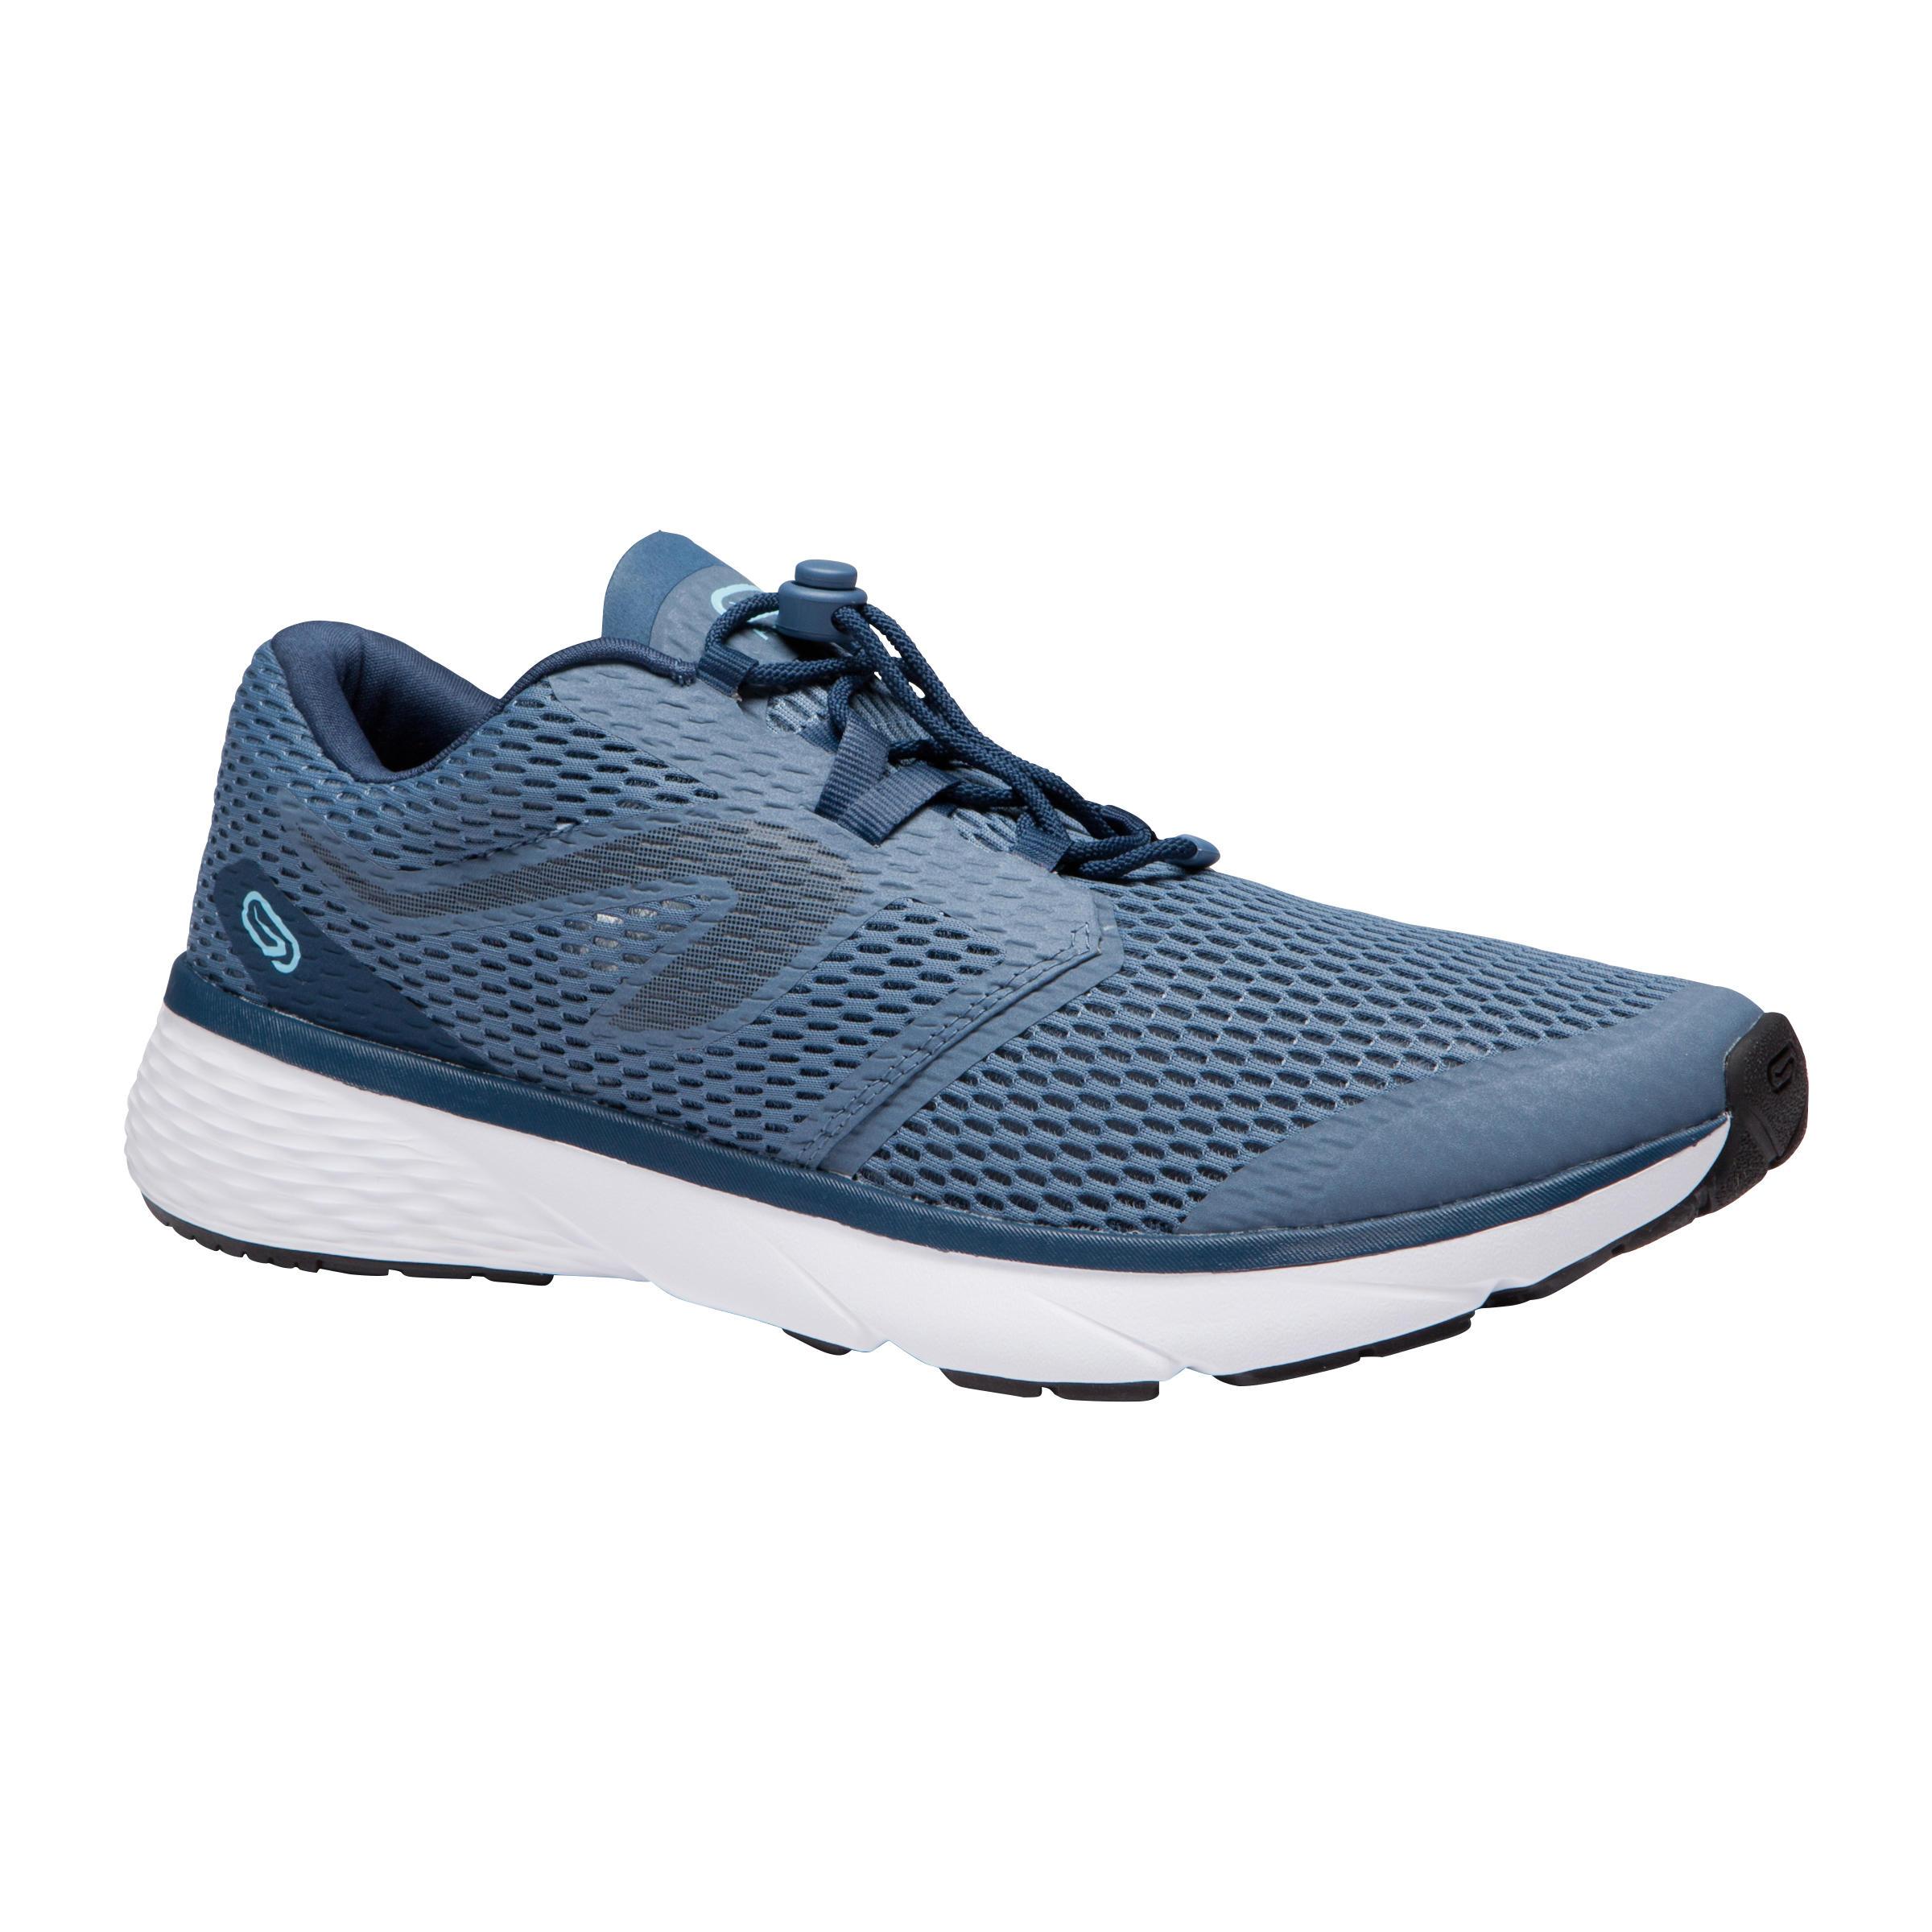 Kalenji Joggingschoenen voor heren Run Support Breathe blauw